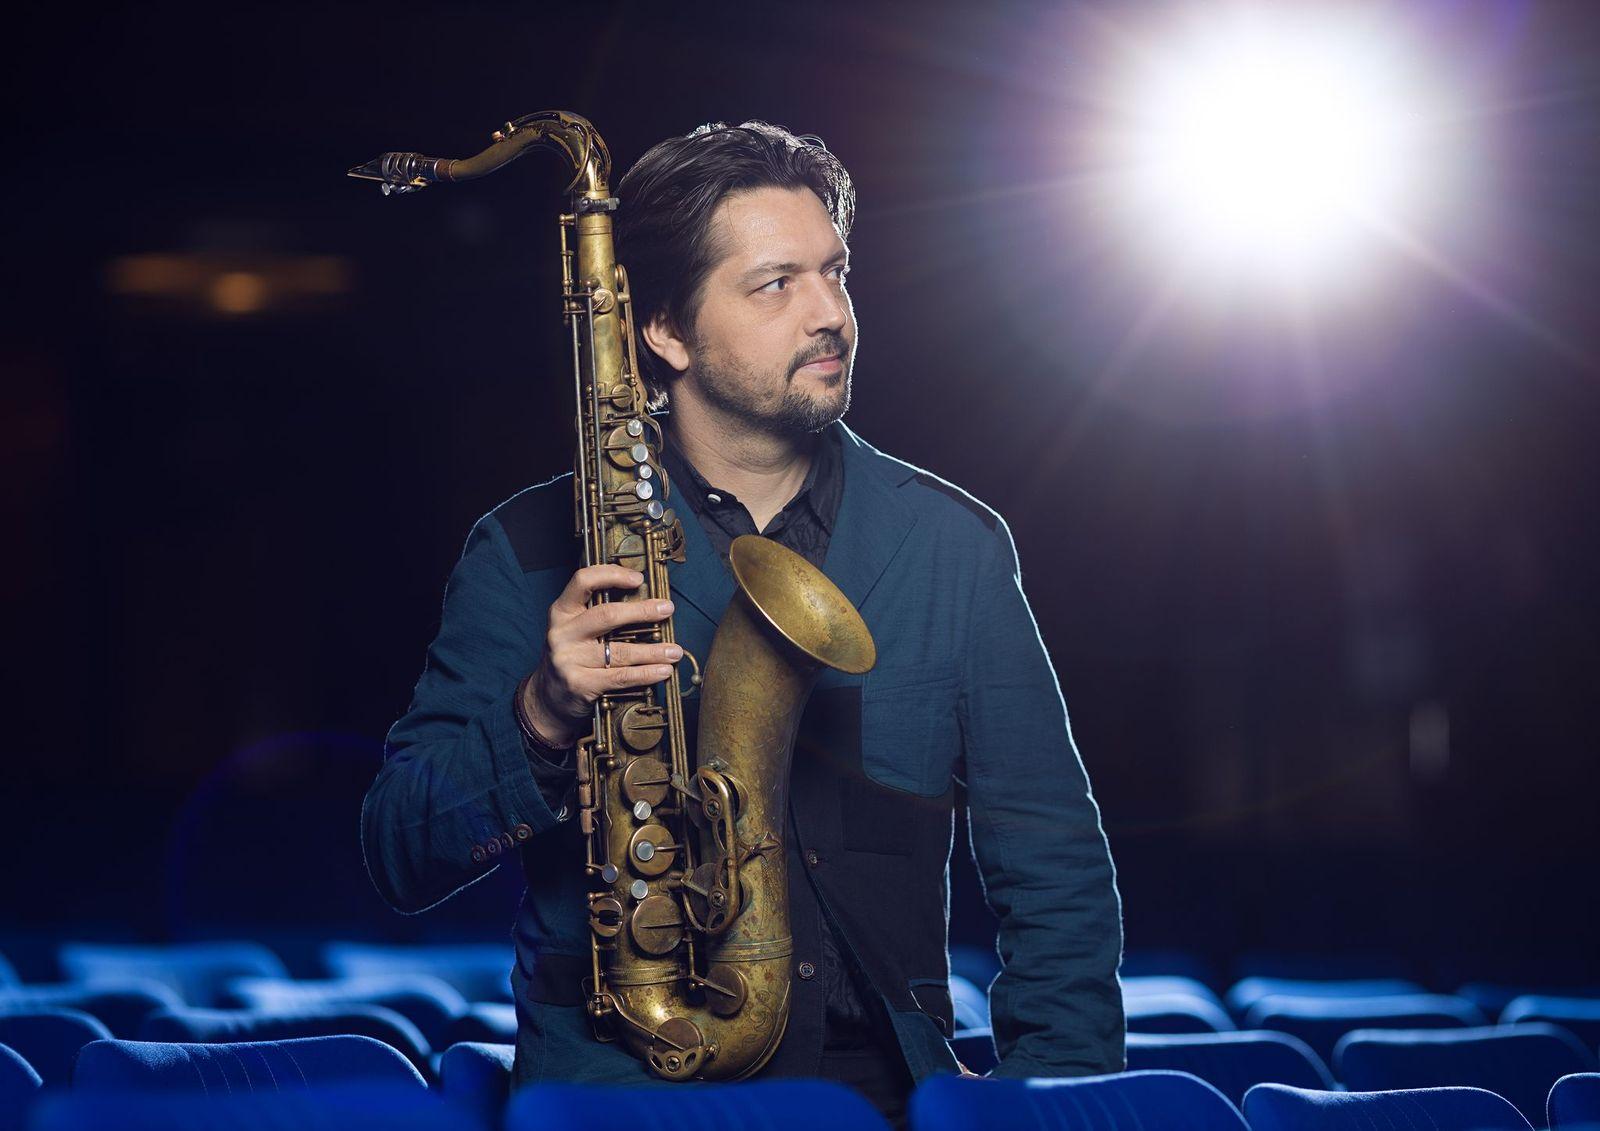 Manuel Dunkel promokuvassa saksofoninsa kanssa.